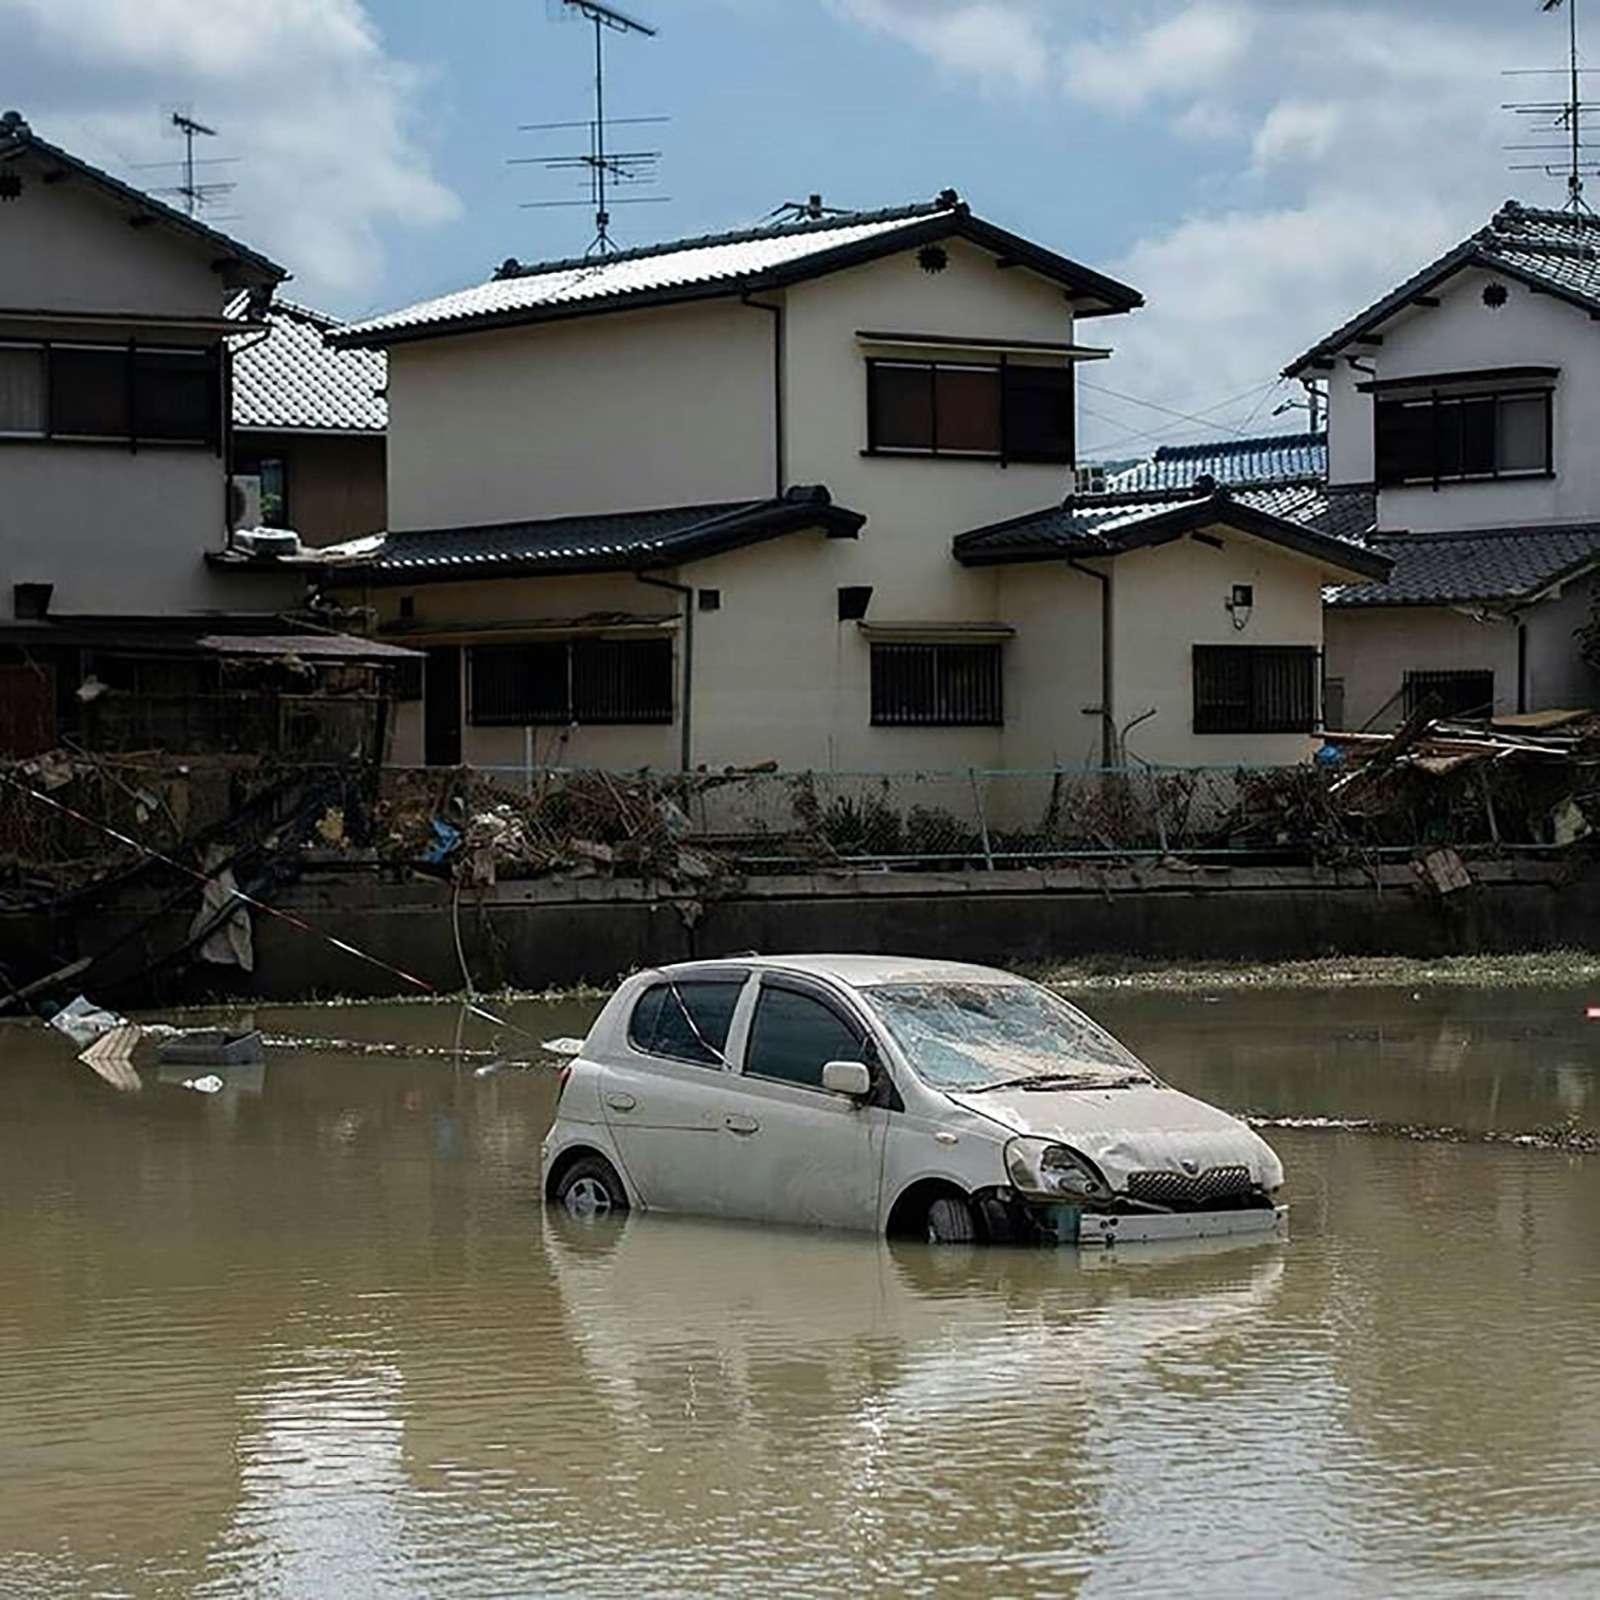 Наводнение вЯпонии: тысячи утопленных машин. Ждем ихвРоссии?— фото 886643